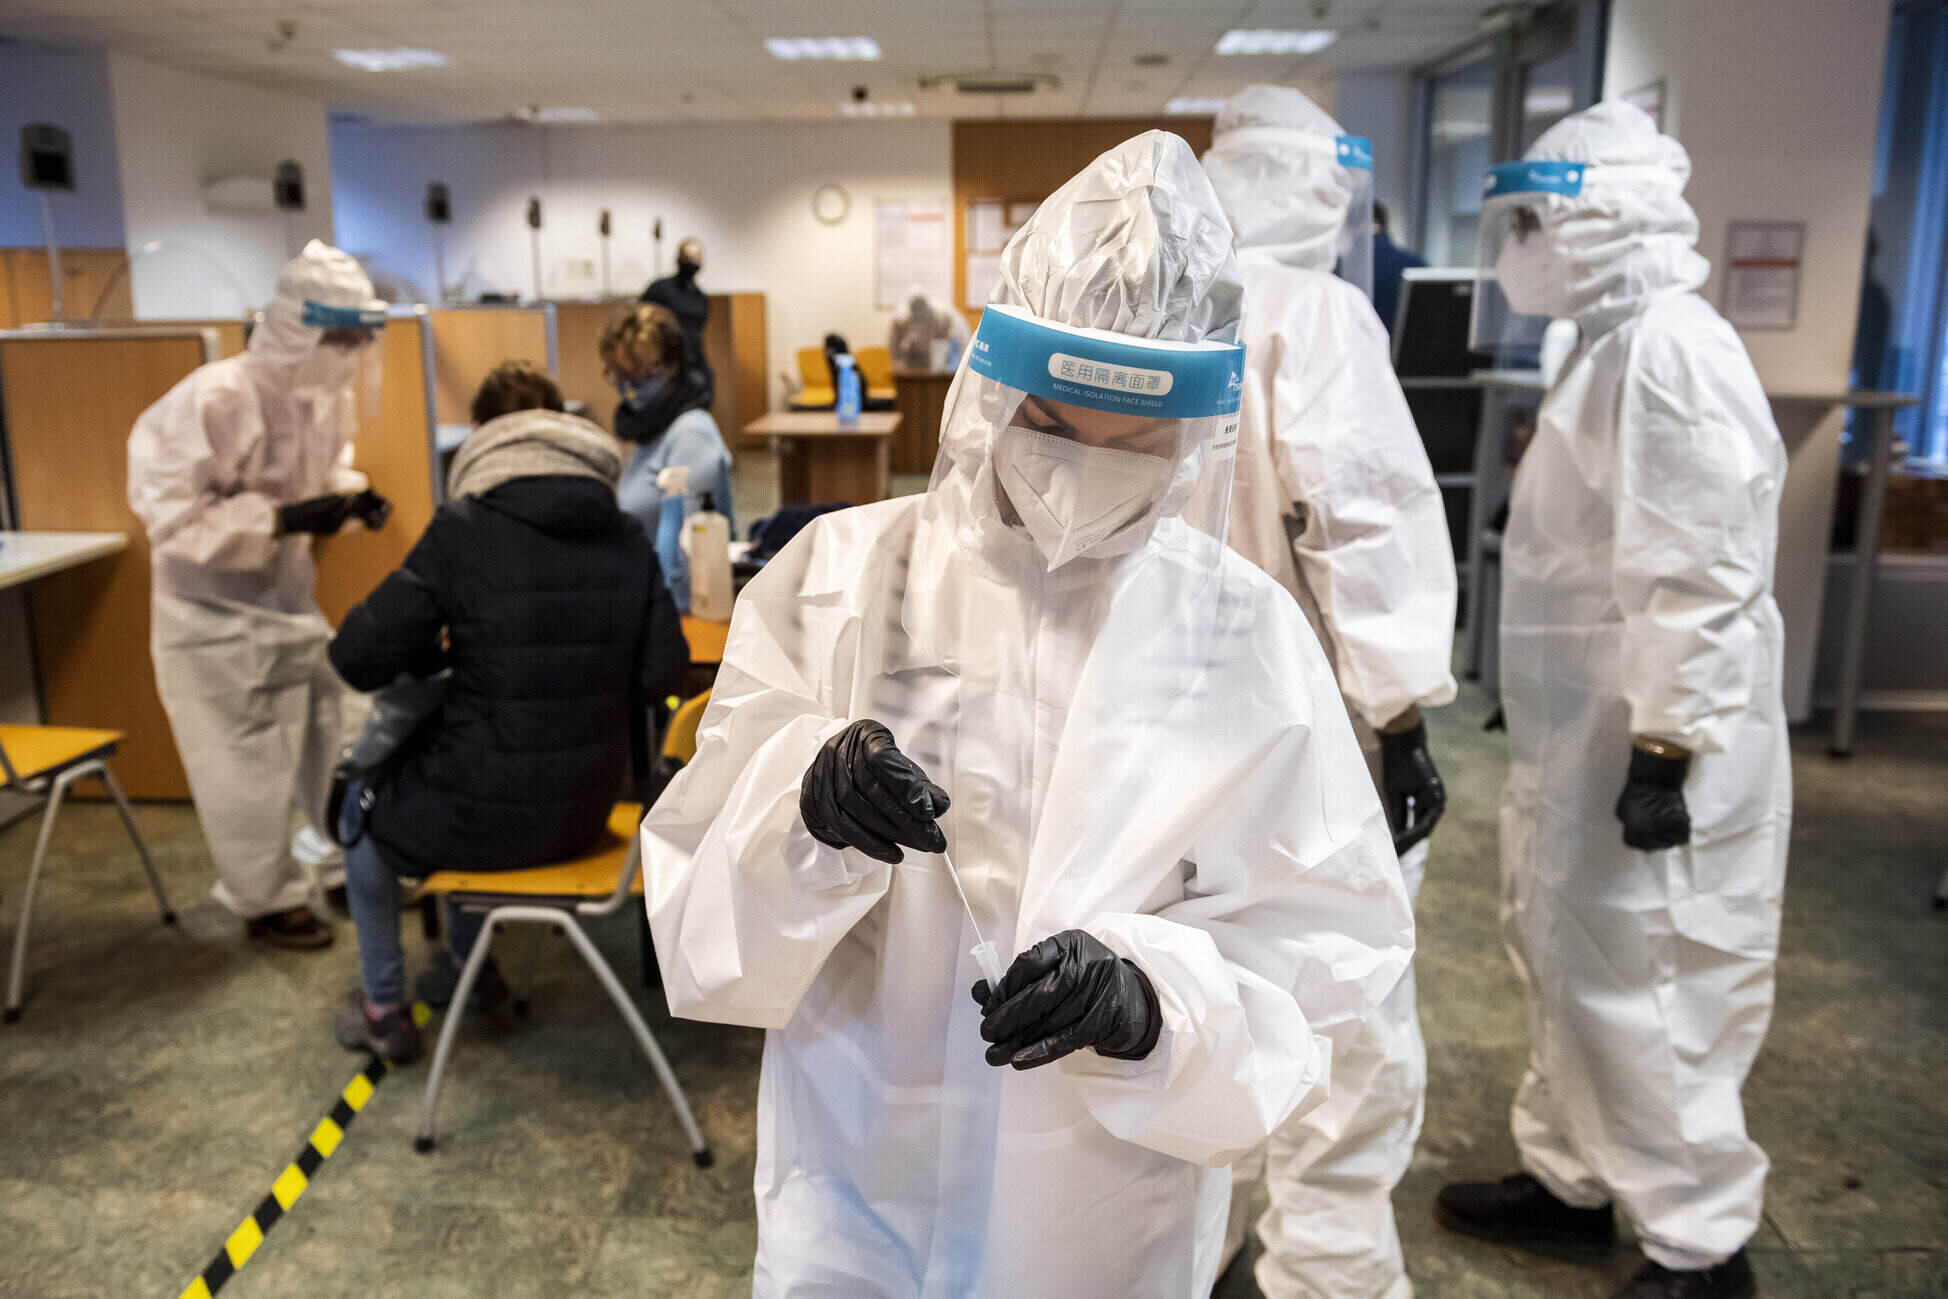 coronavirus testing in hungary